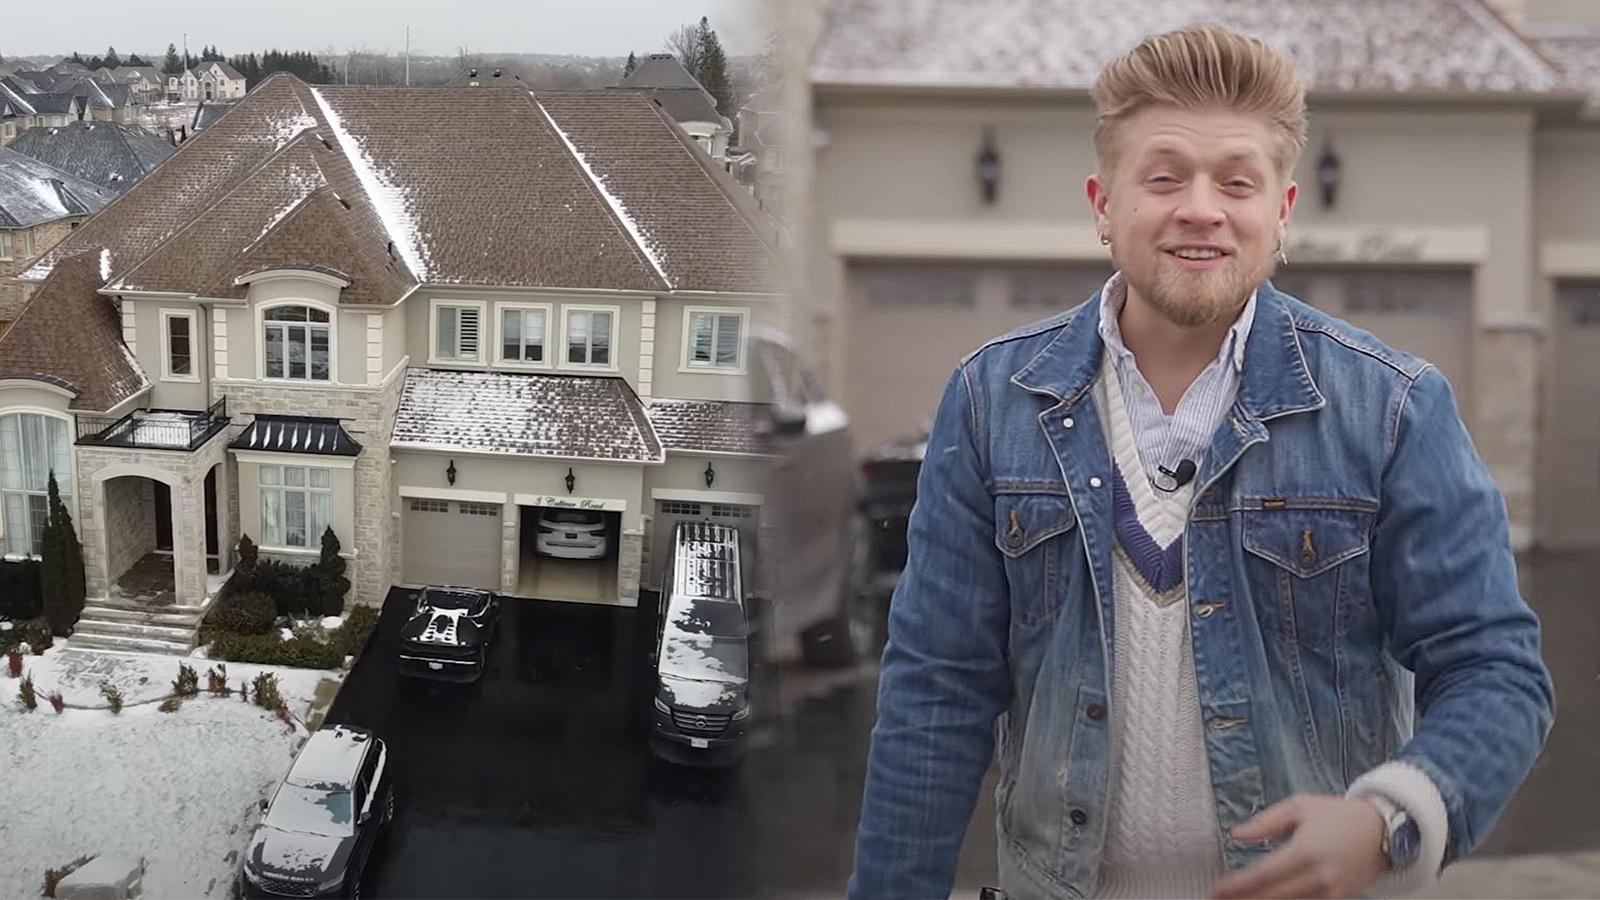 TikToker Aaron Vankampen goes viral for millionaire mansion videos